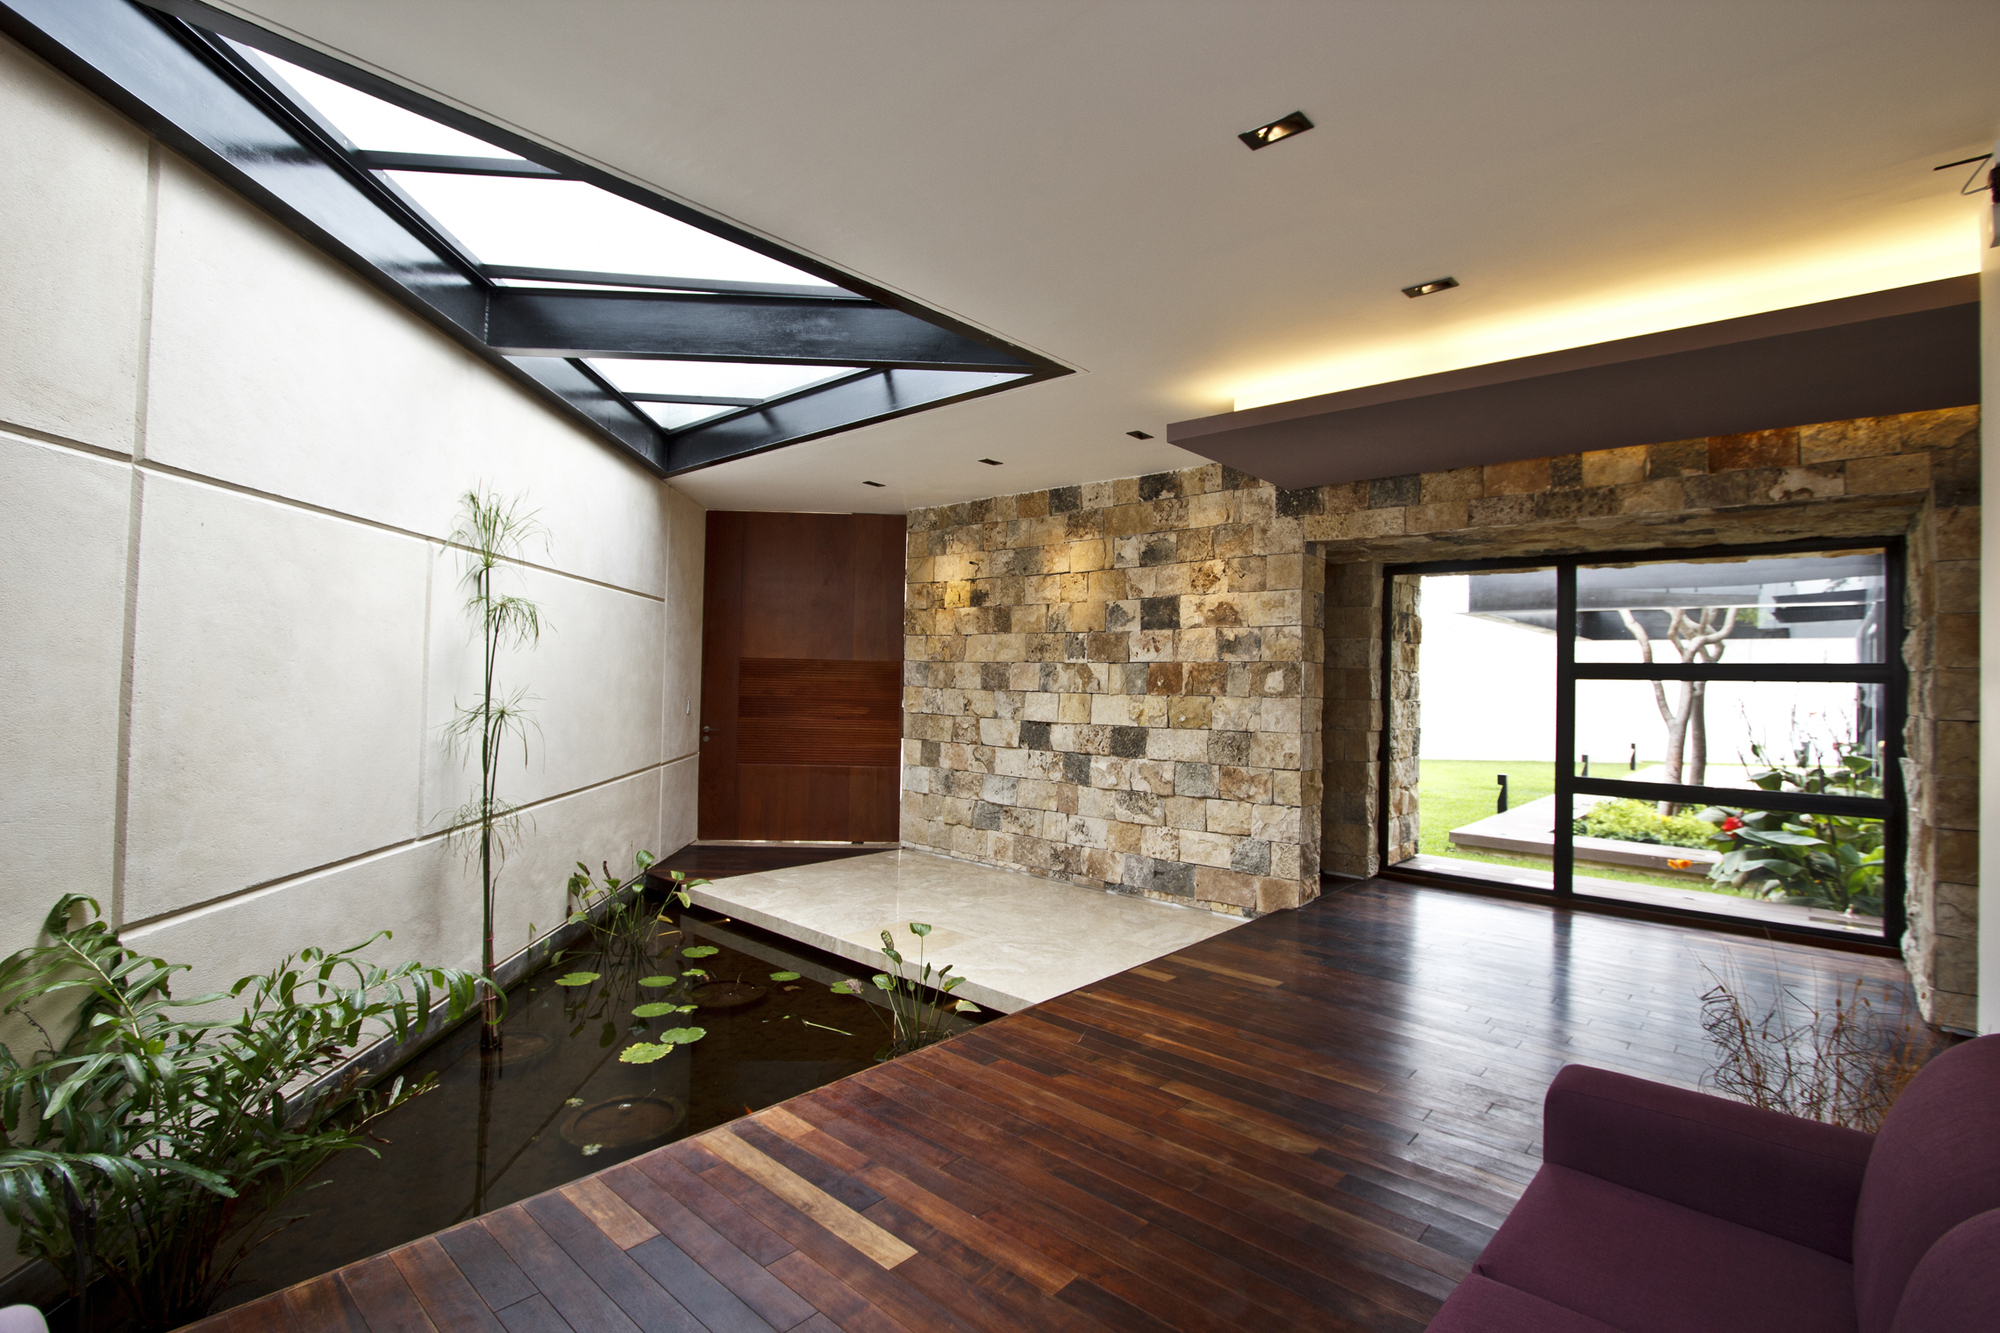 5305f435e8e44e12c0000003_temozon-house-carrillo-arquitectos-y-asociados_temozon_foto_12